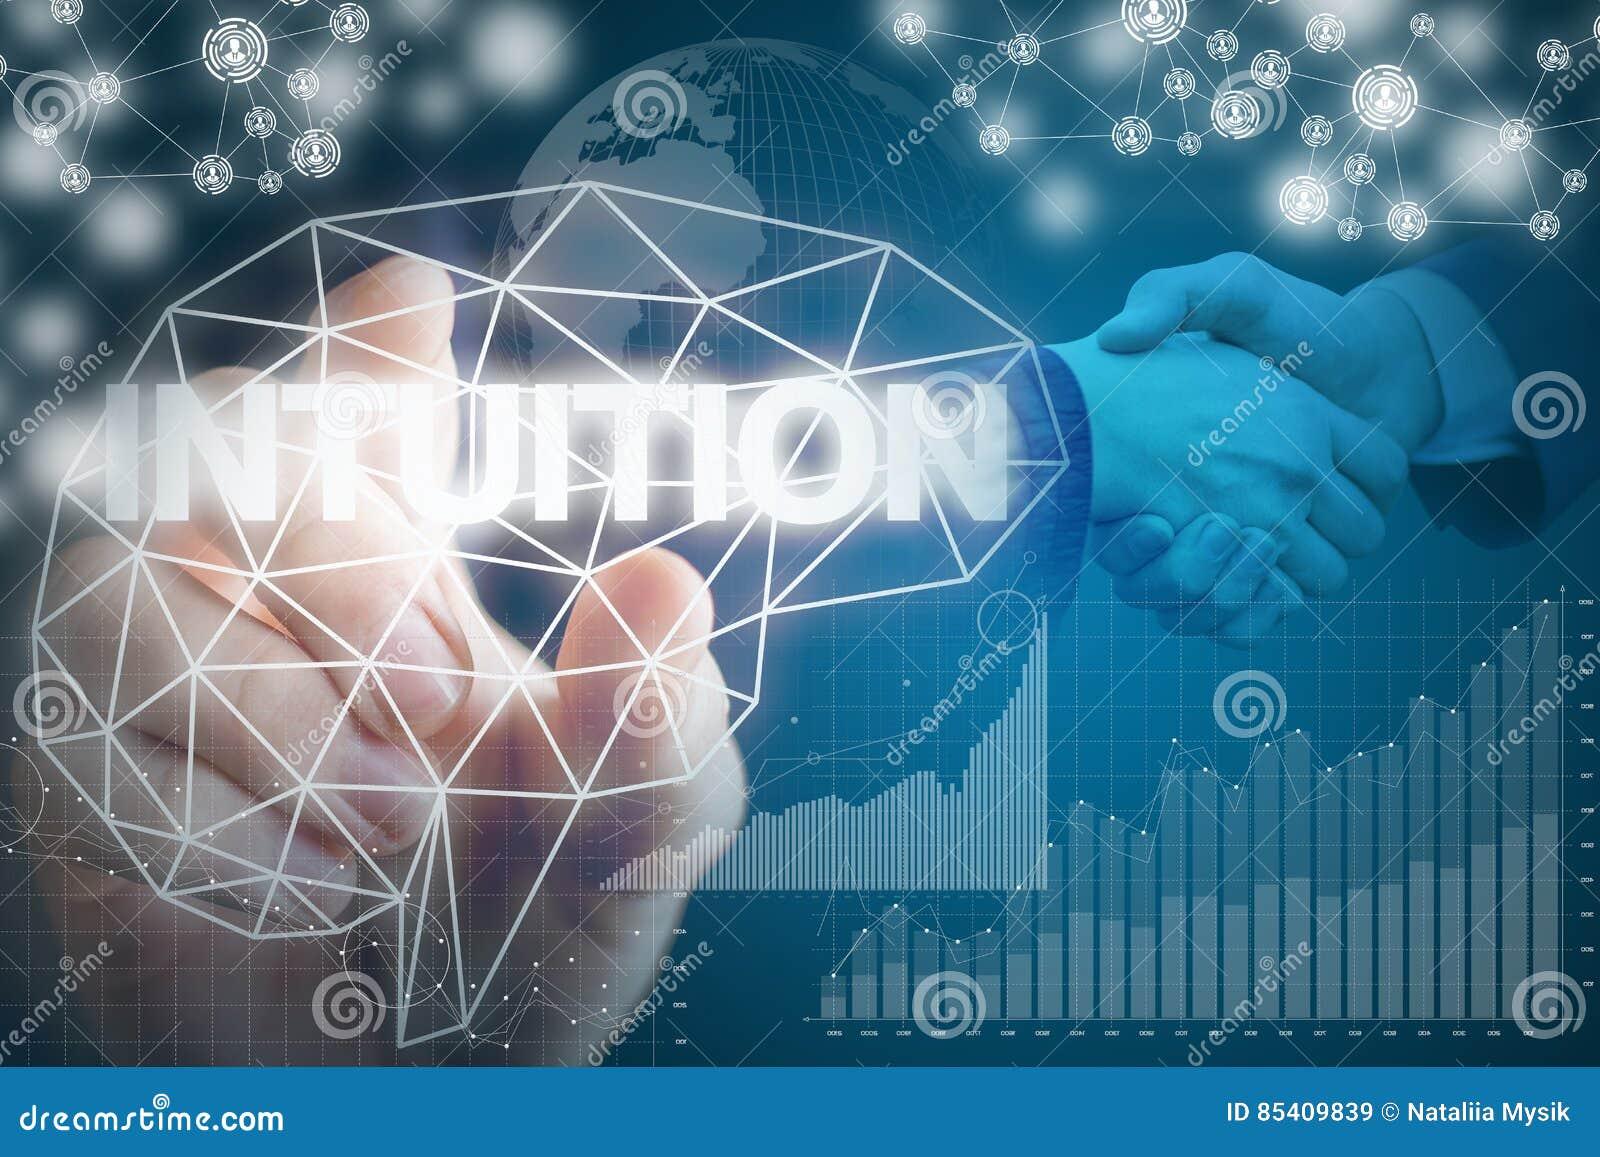 Intuition pendant des affaires rentables dans les affaires